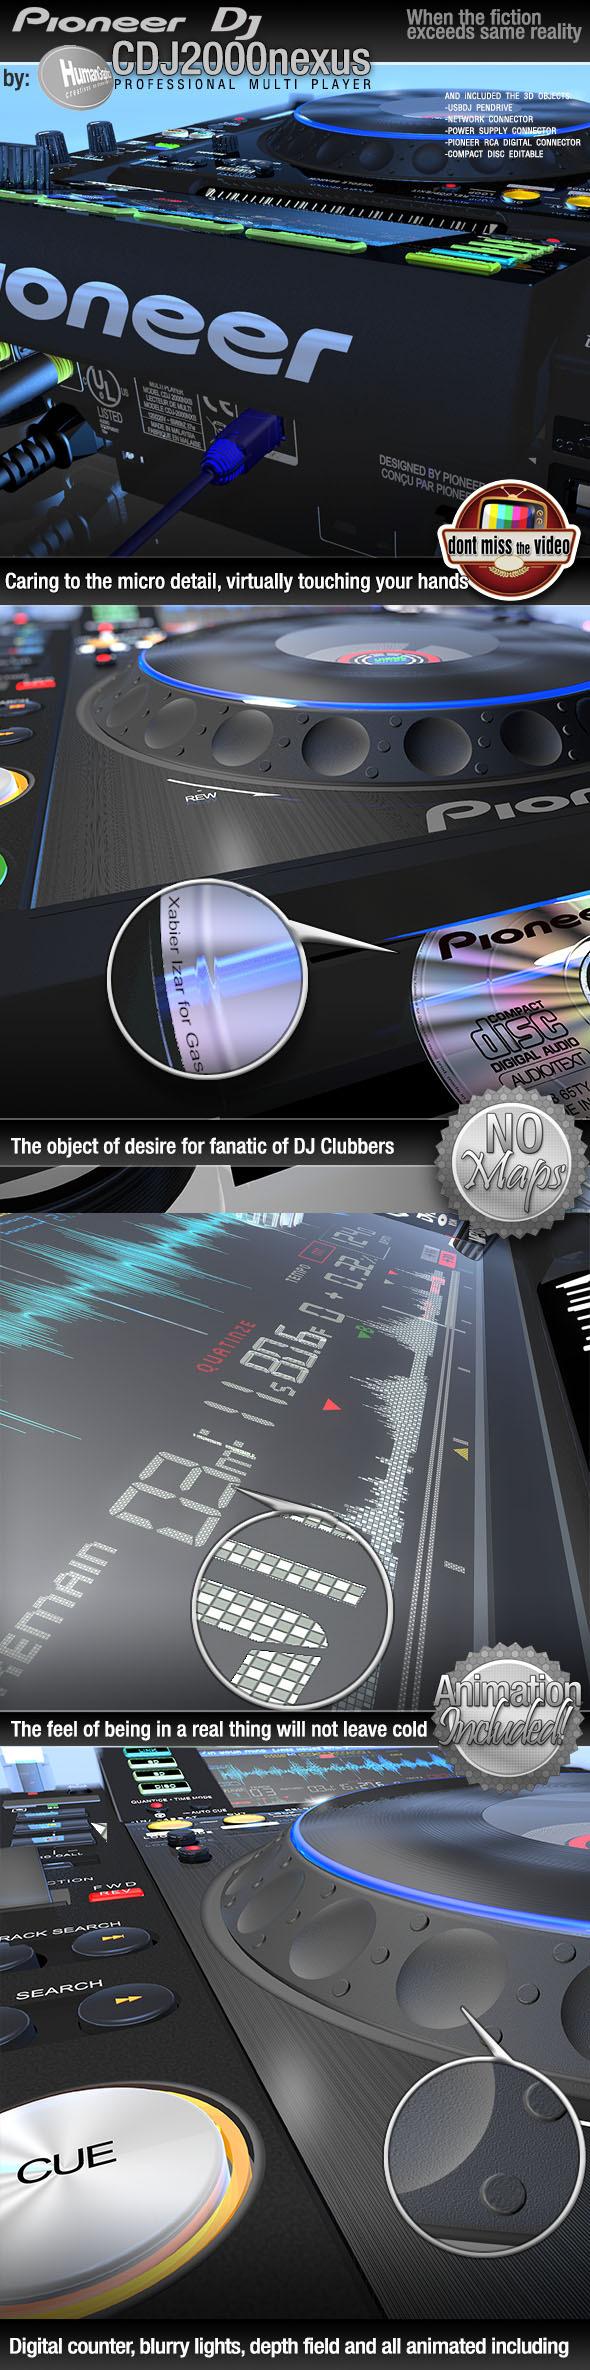 Realistic CD Player, Pioneer CDJ2000nexus black - 3DOcean Item for Sale